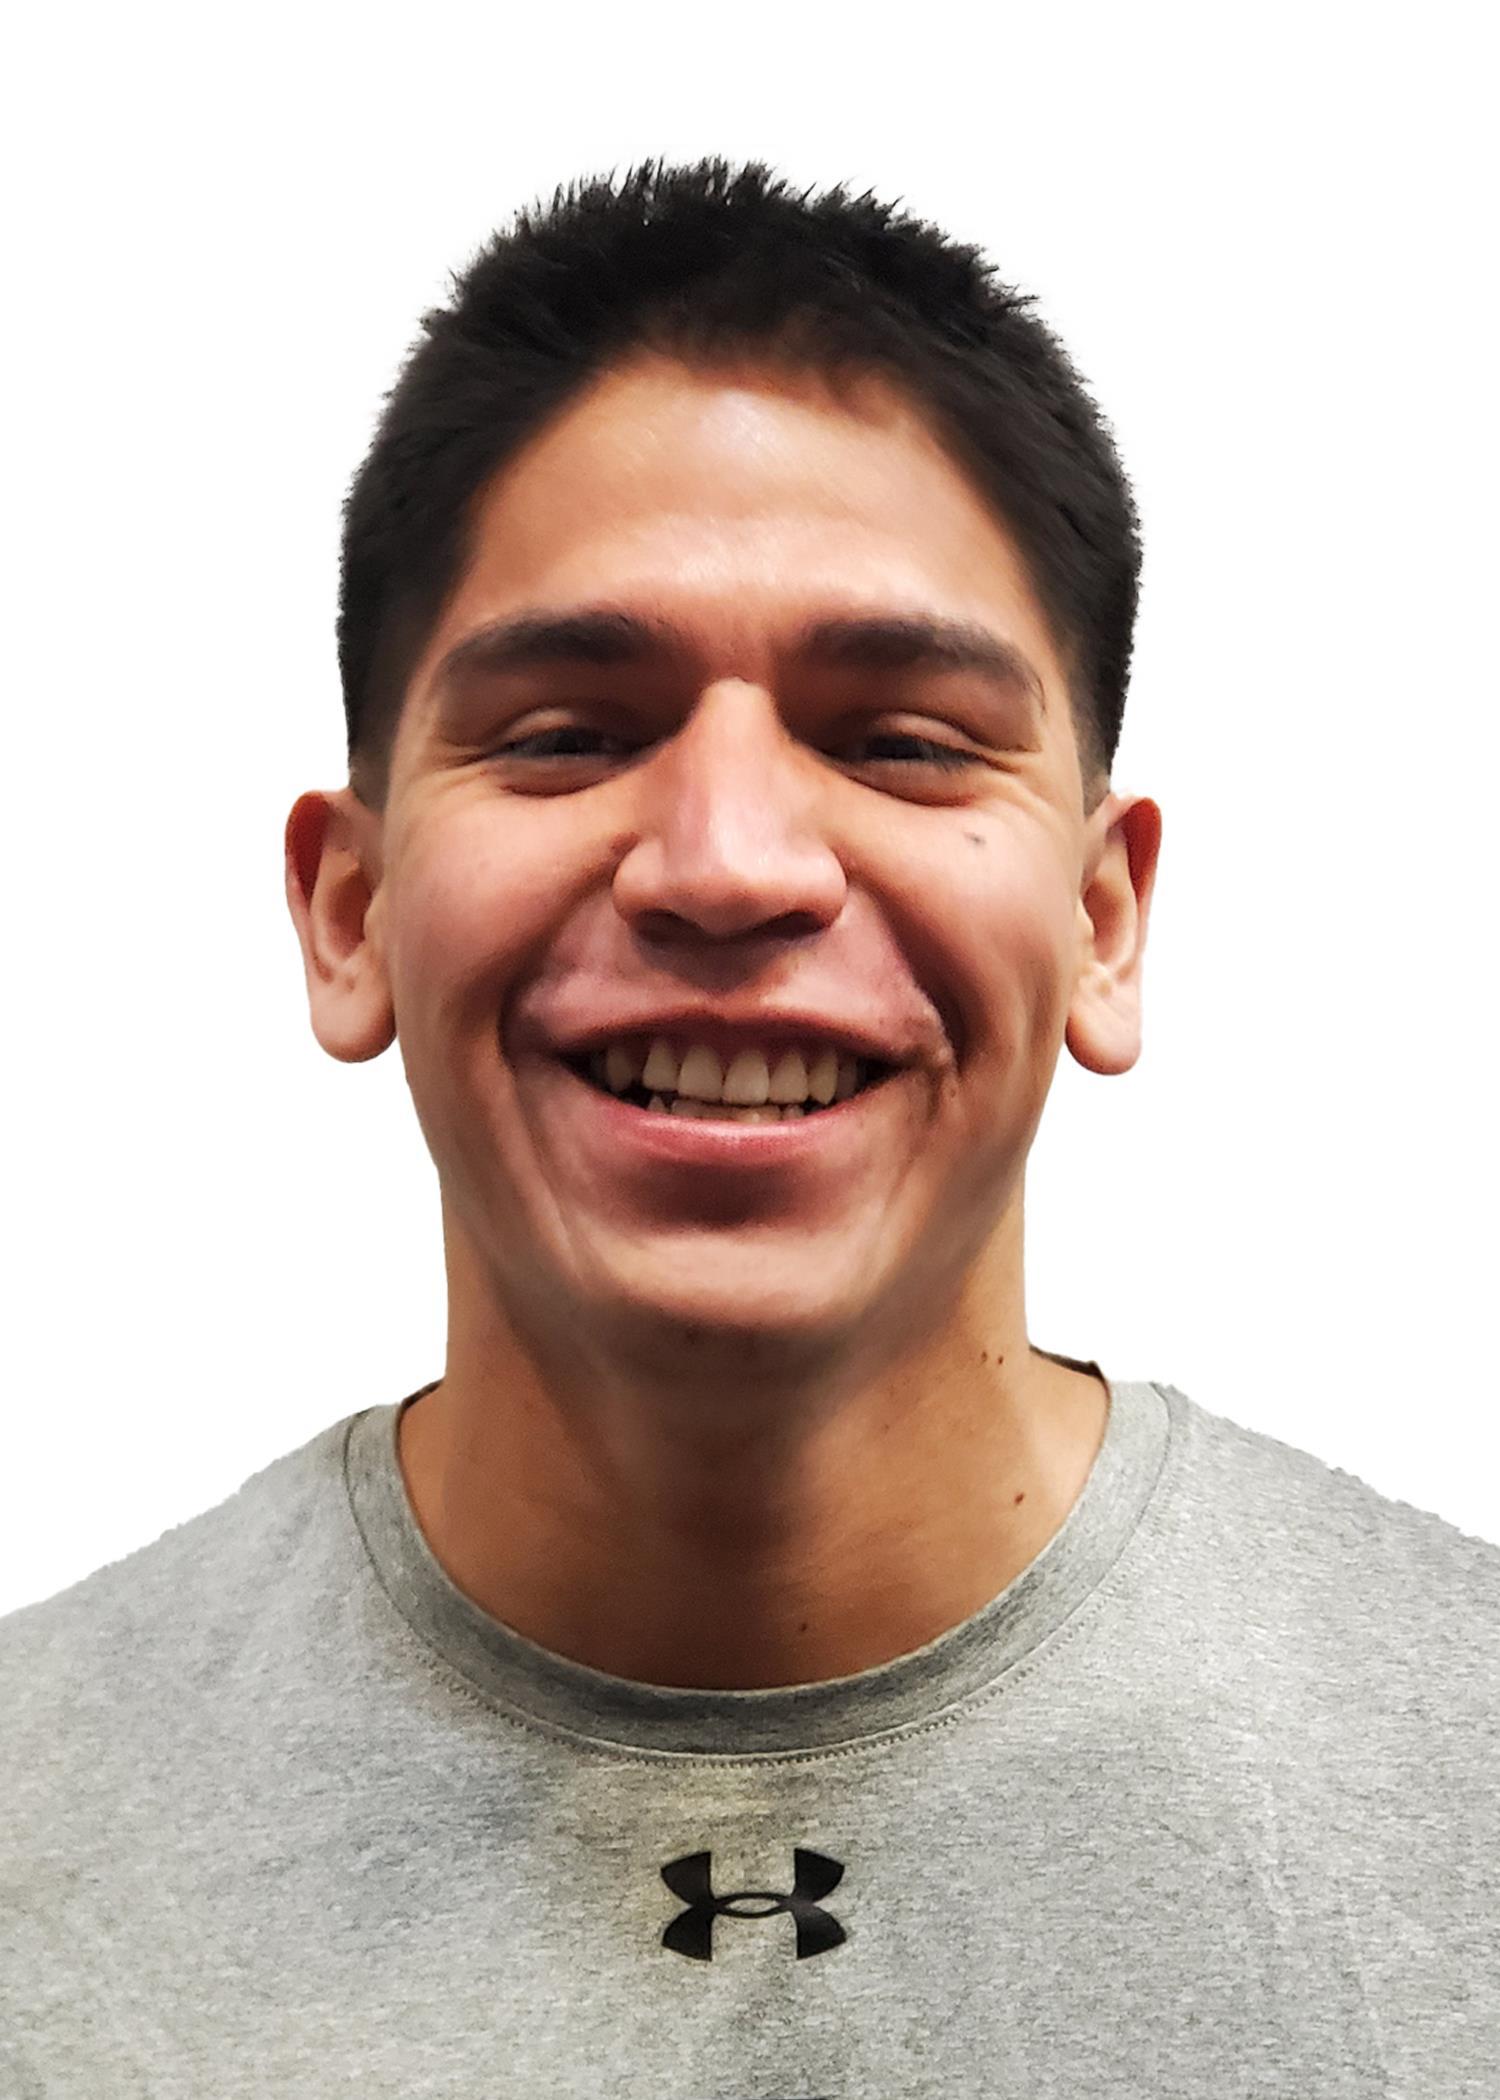 Kevin Hurtado